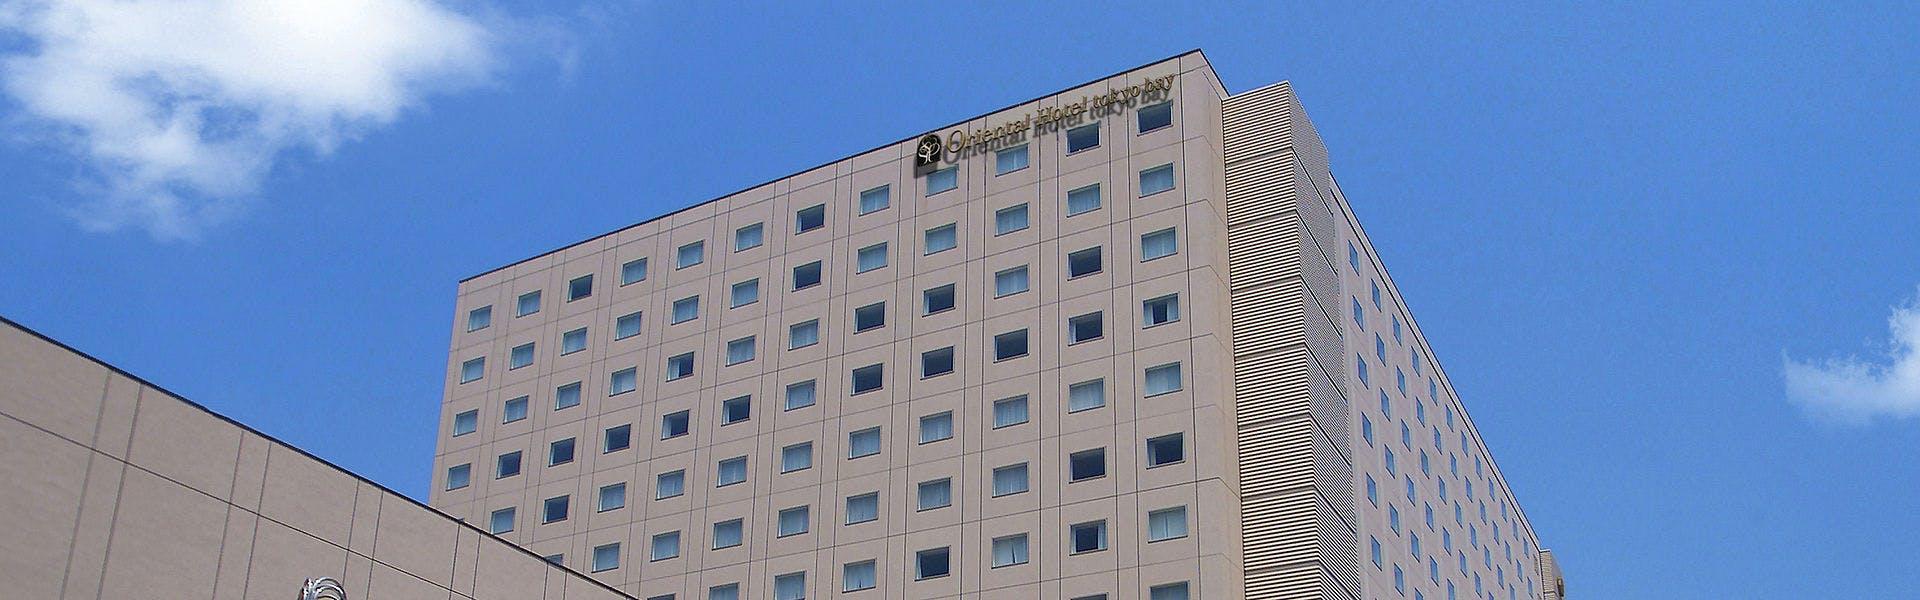 オリエンタルホテル 東京ベイ 東京ディズニーリゾート チケット付